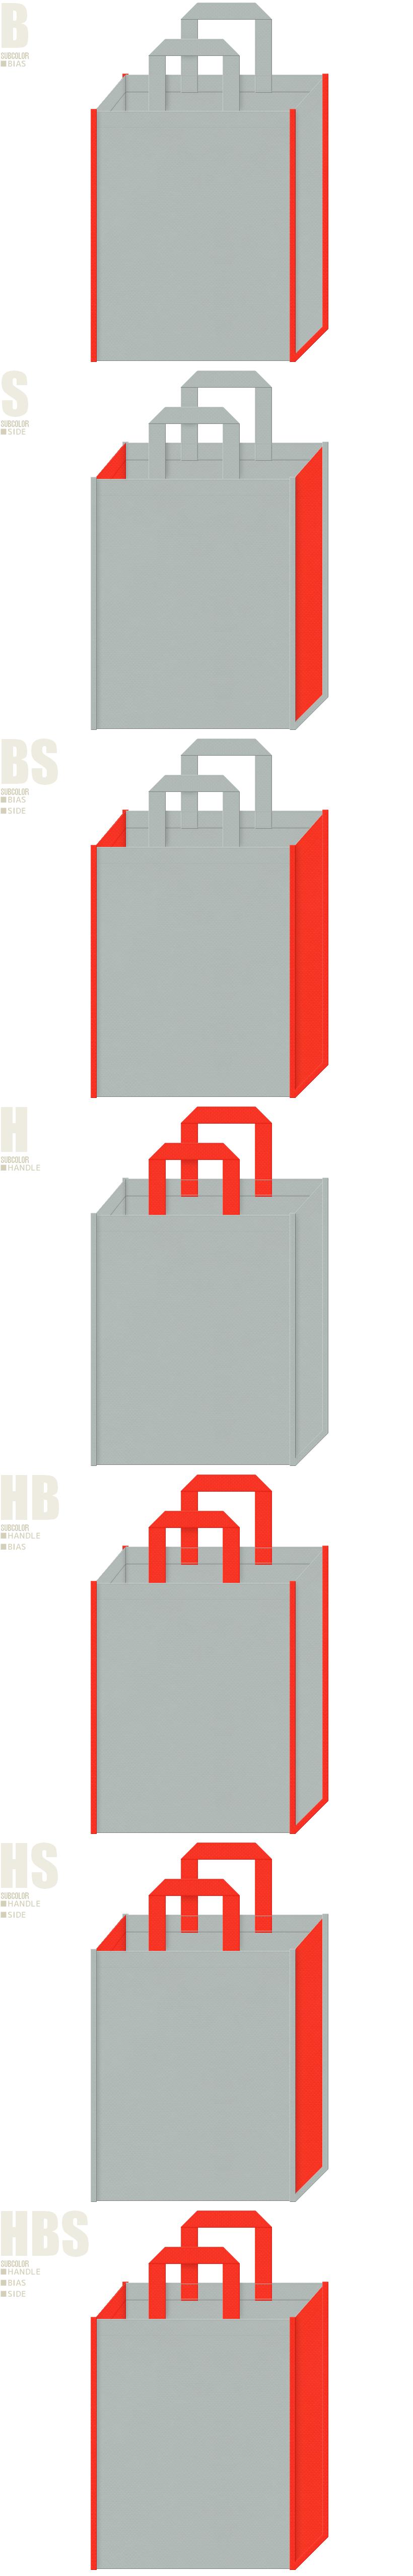 ロボット・ラジコン・プラモデル・ホビーの展示会用バッグにお奨めの不織布バッグデザイン:グレー色とオレンジ色の配色7パターン